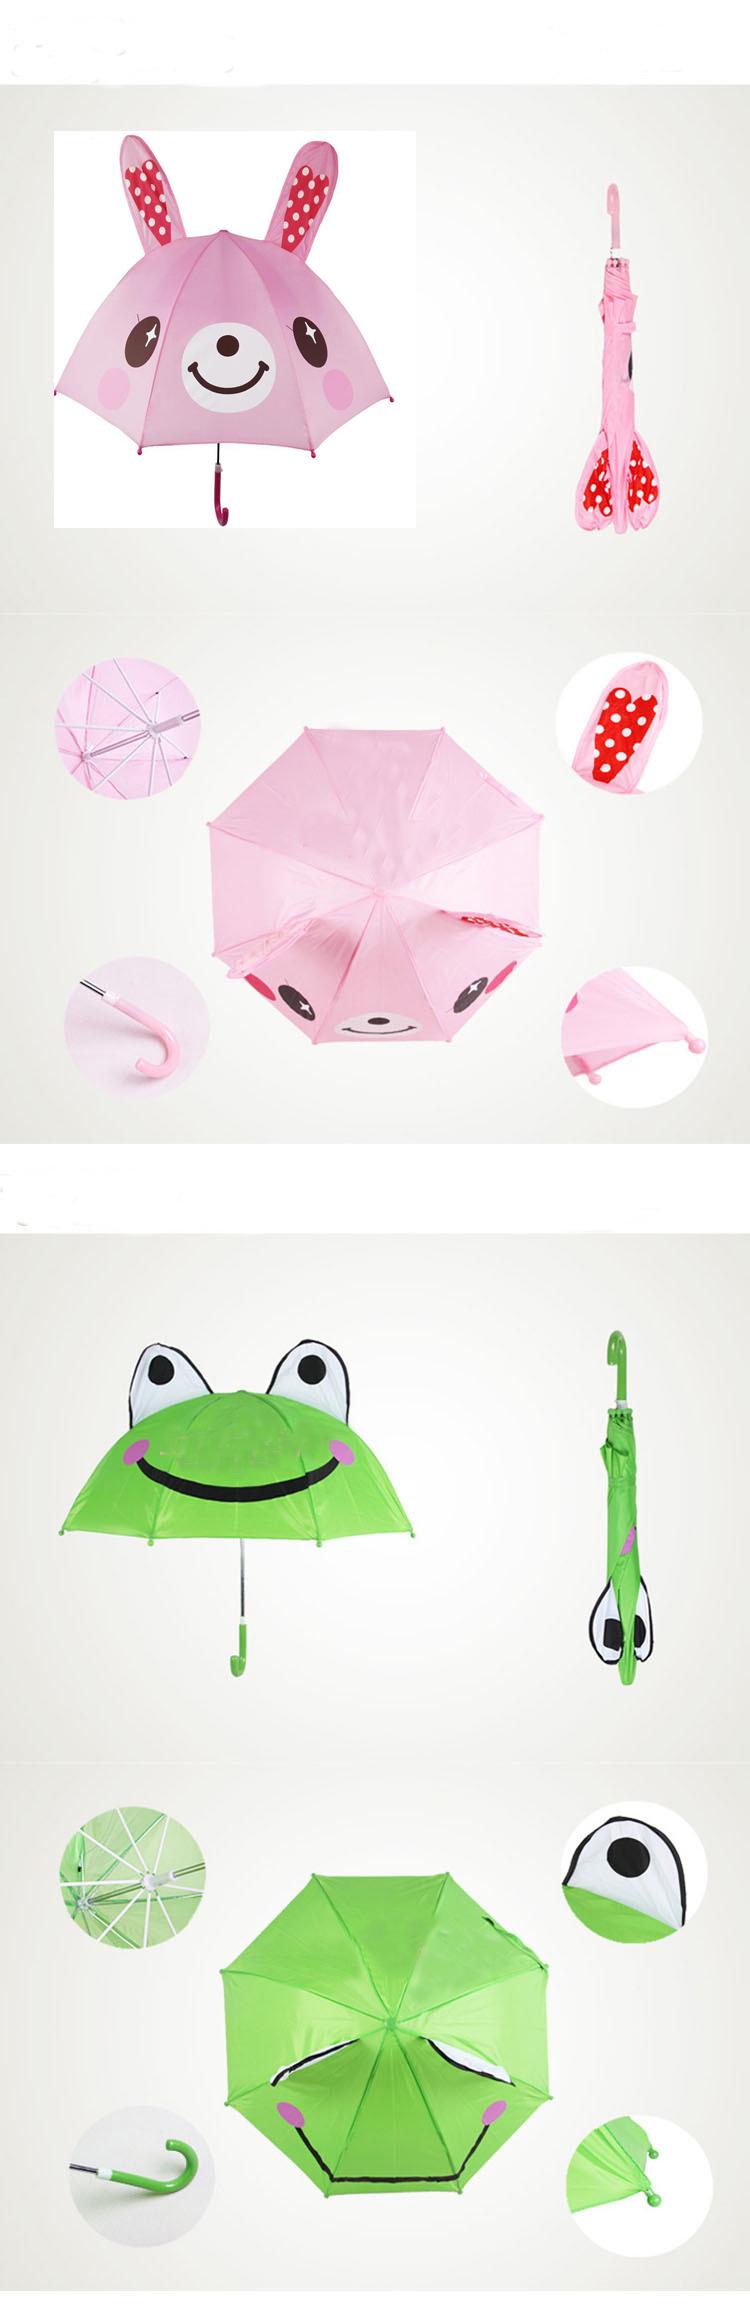 umbrella6